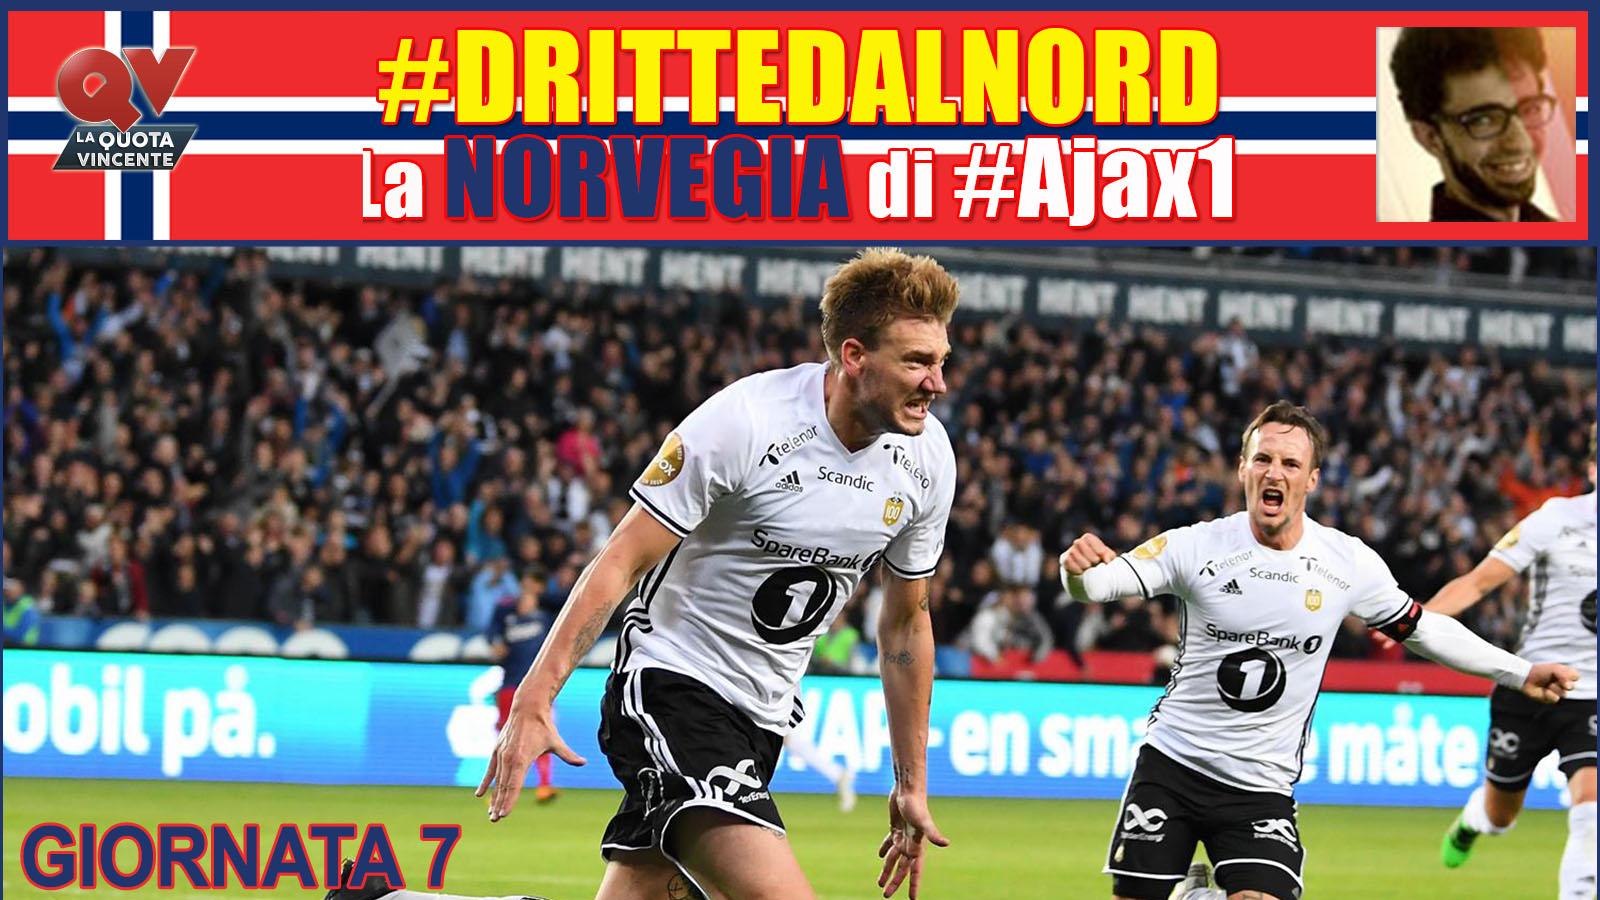 Norvegia Giornata 7